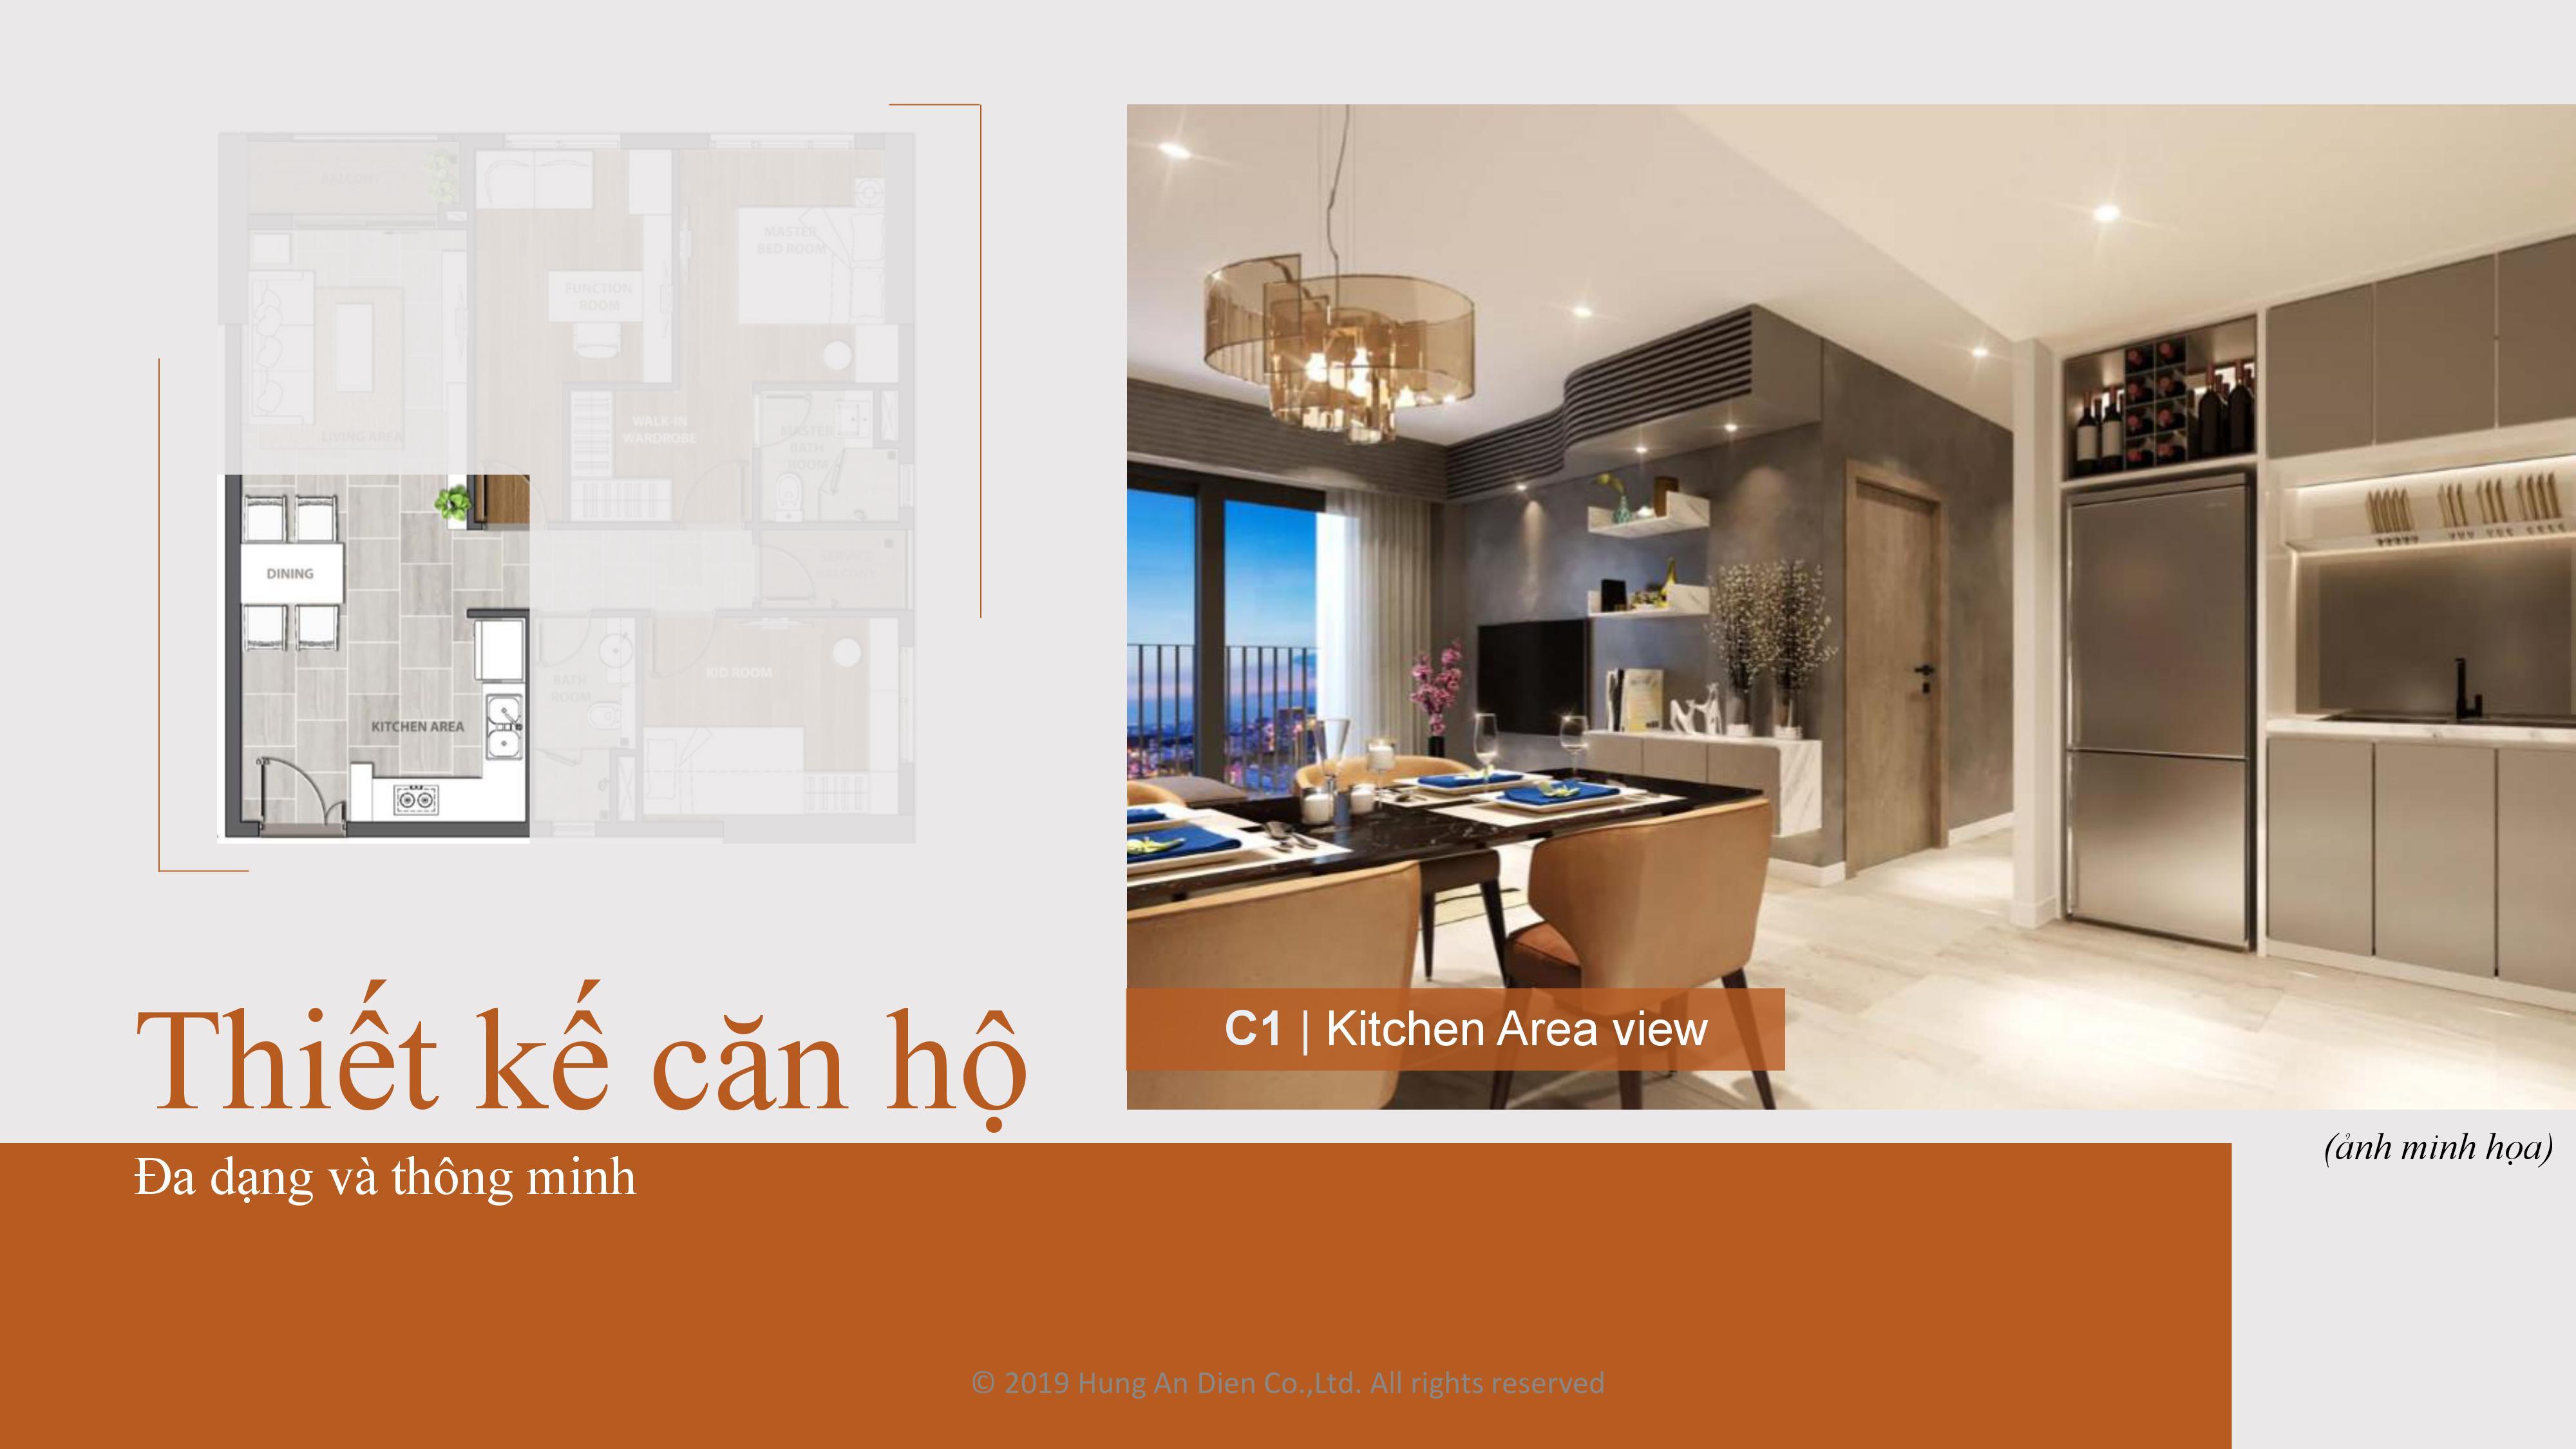 Thiết kế căn hộ Aio City hình 07